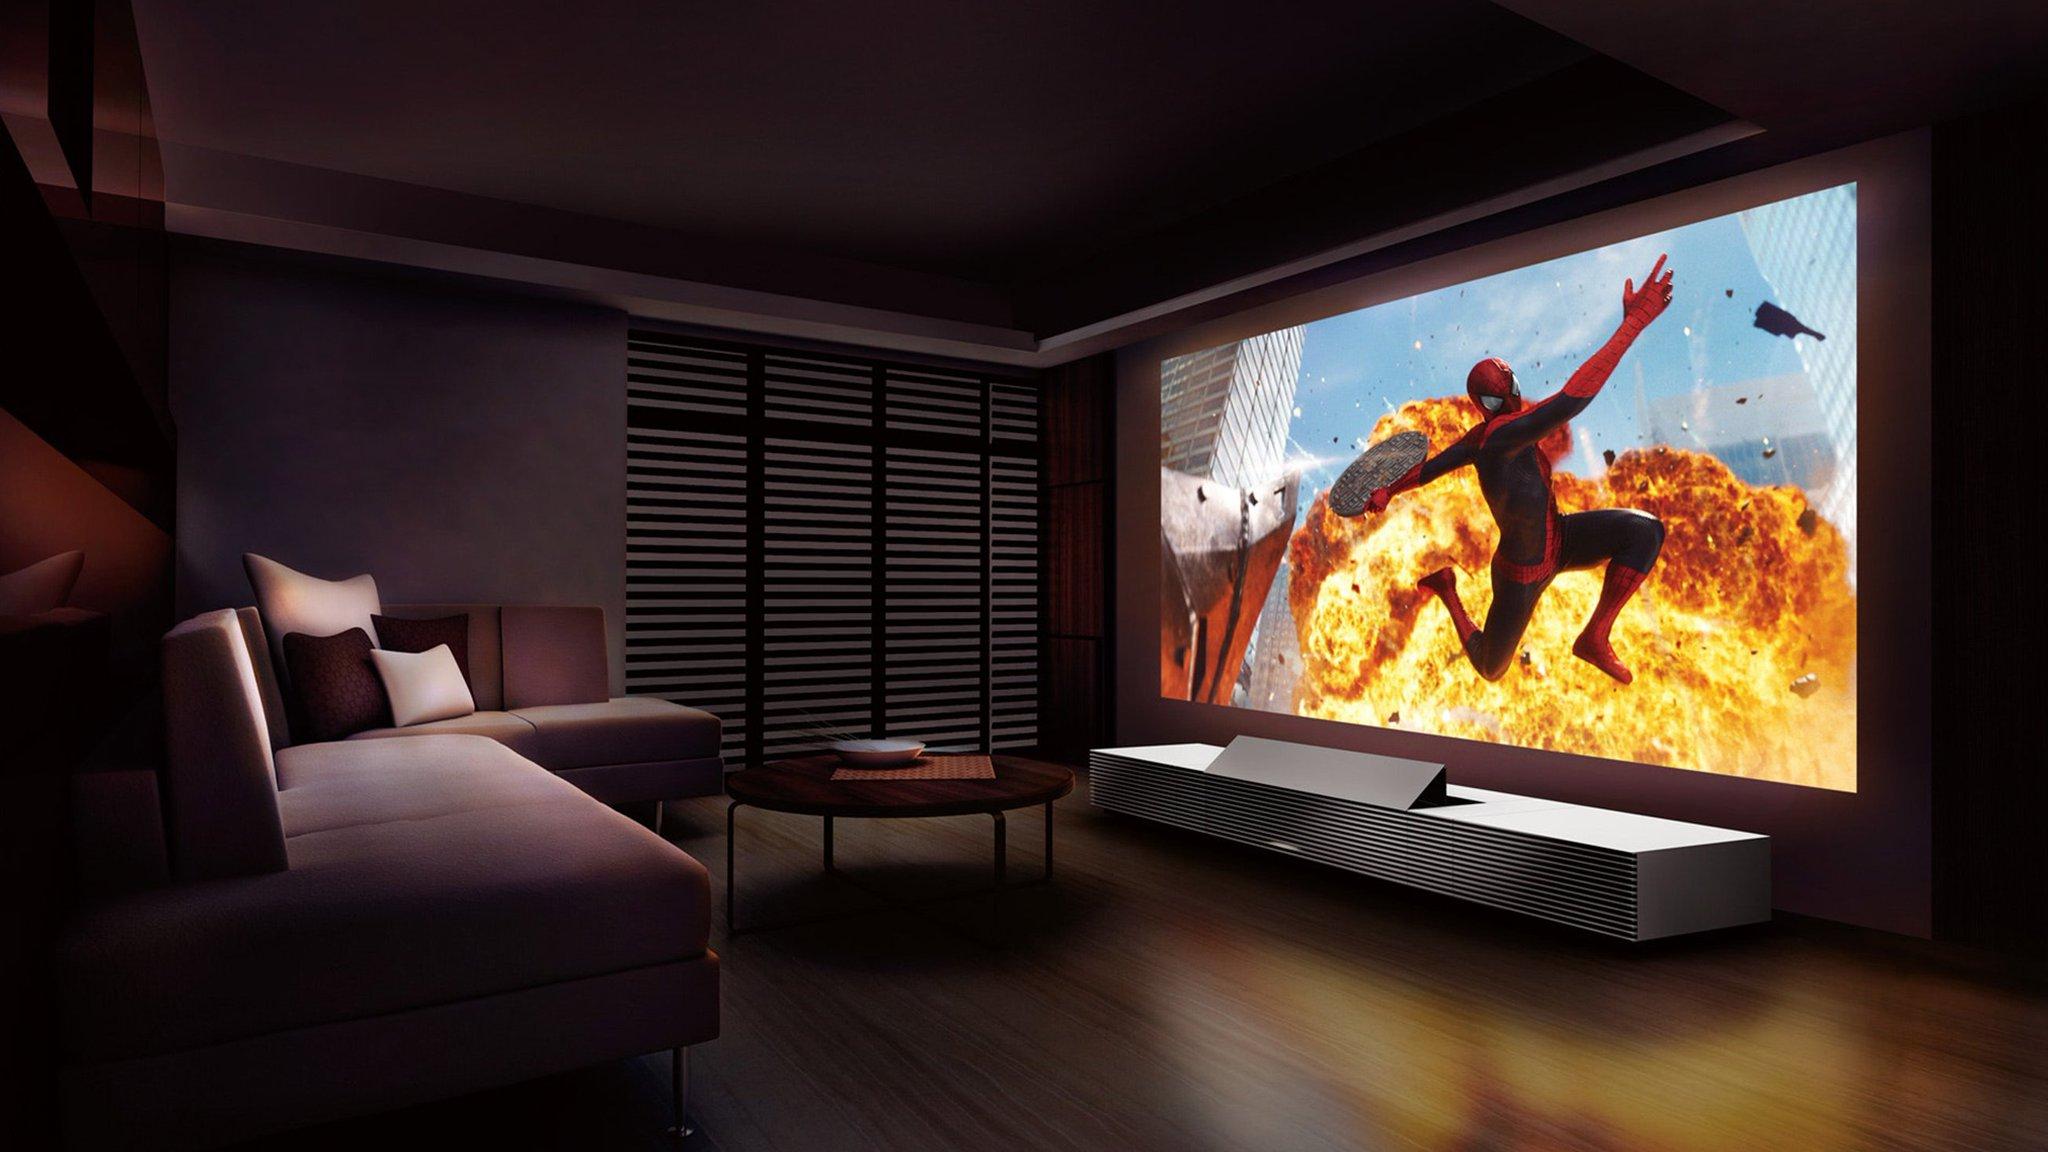 релаксации картинки на домашний экран того, что чешется